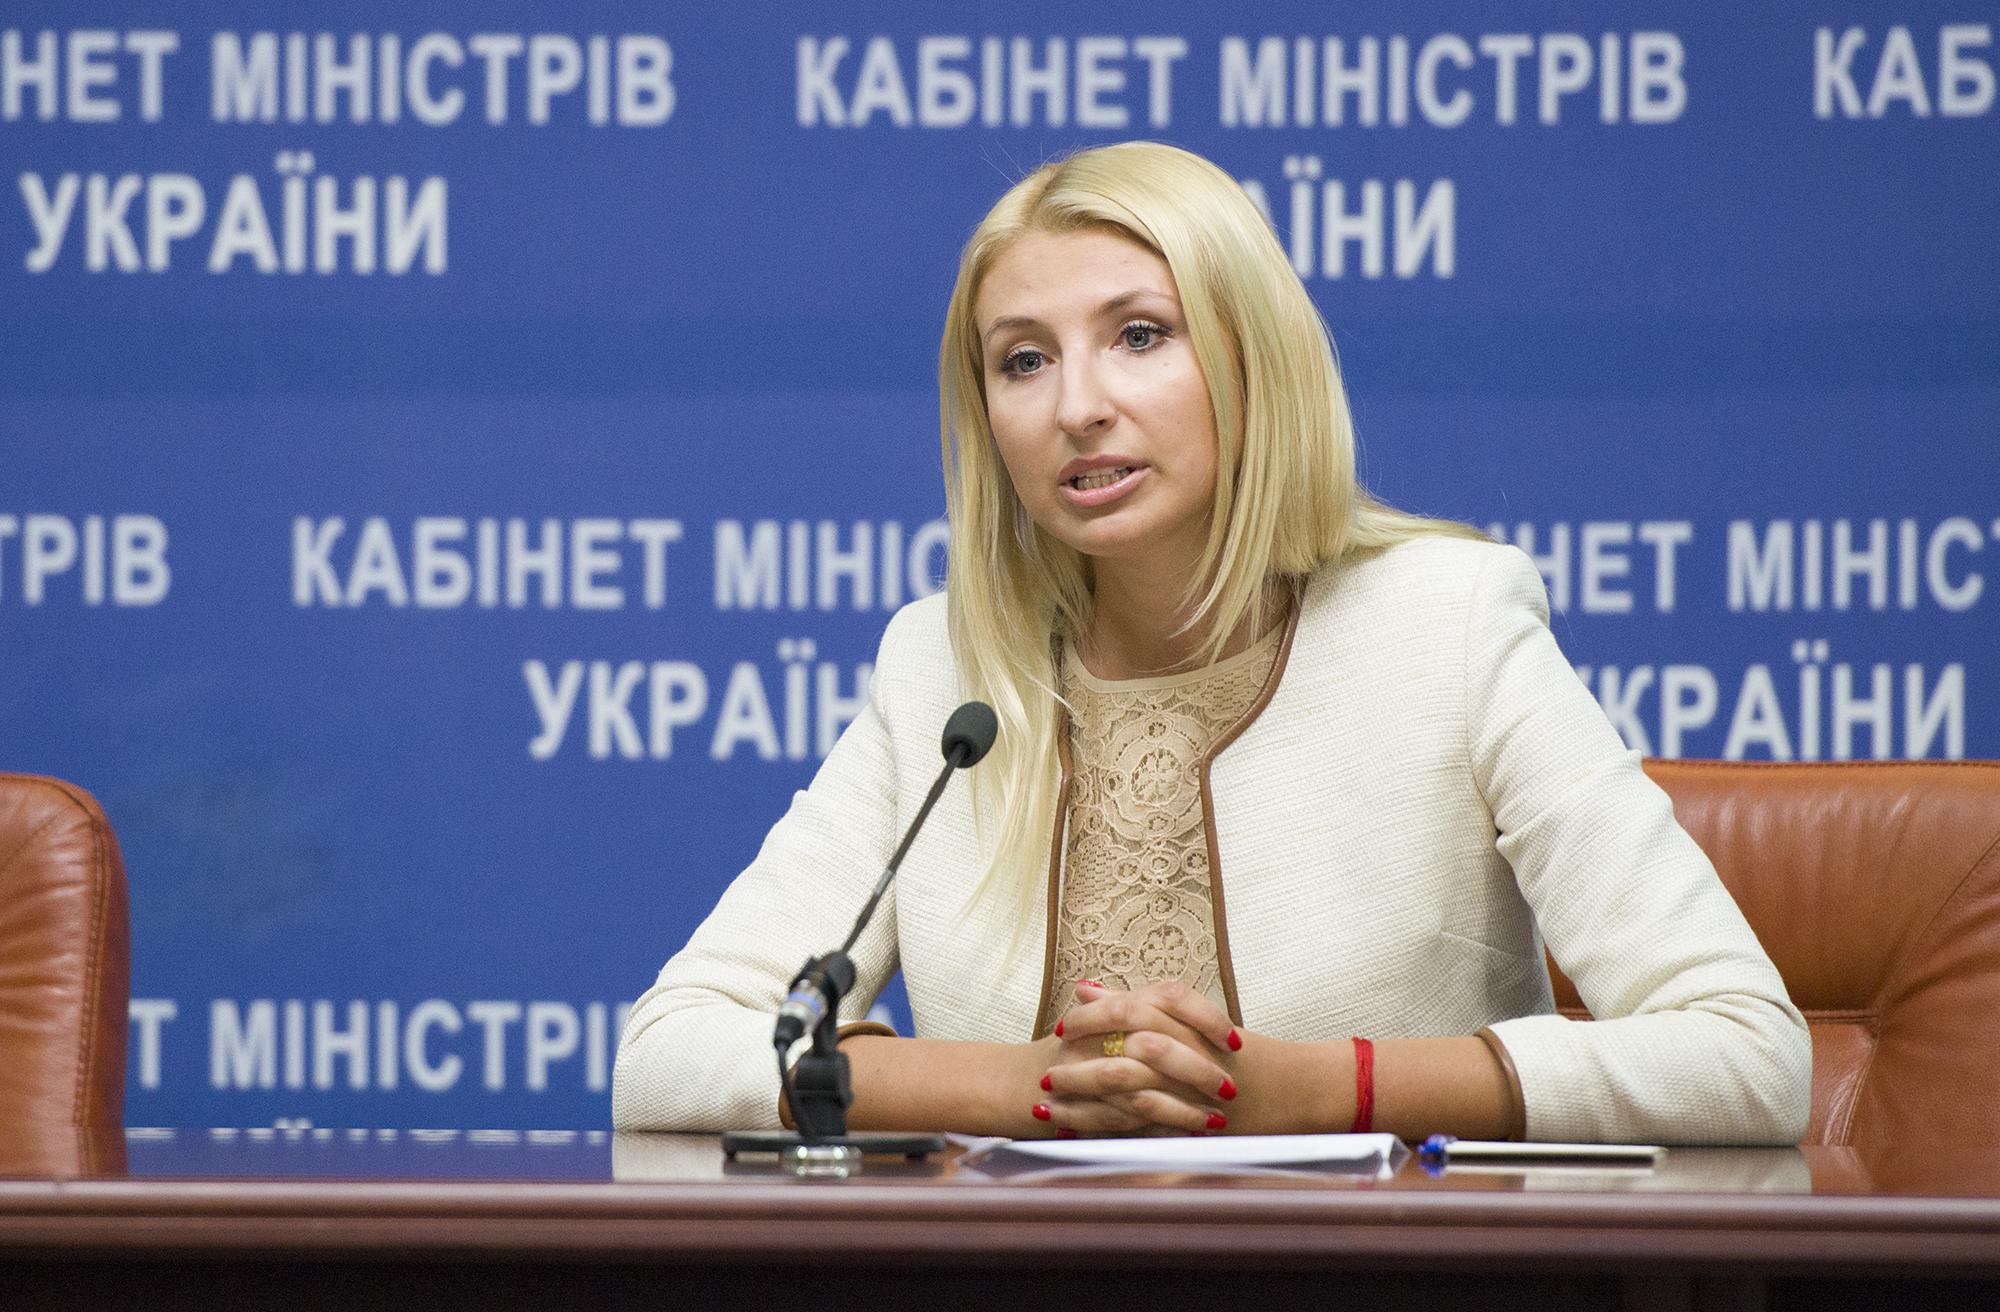 Кабмин предложил сократить в два раза срок госрегистрации печатных СМИ